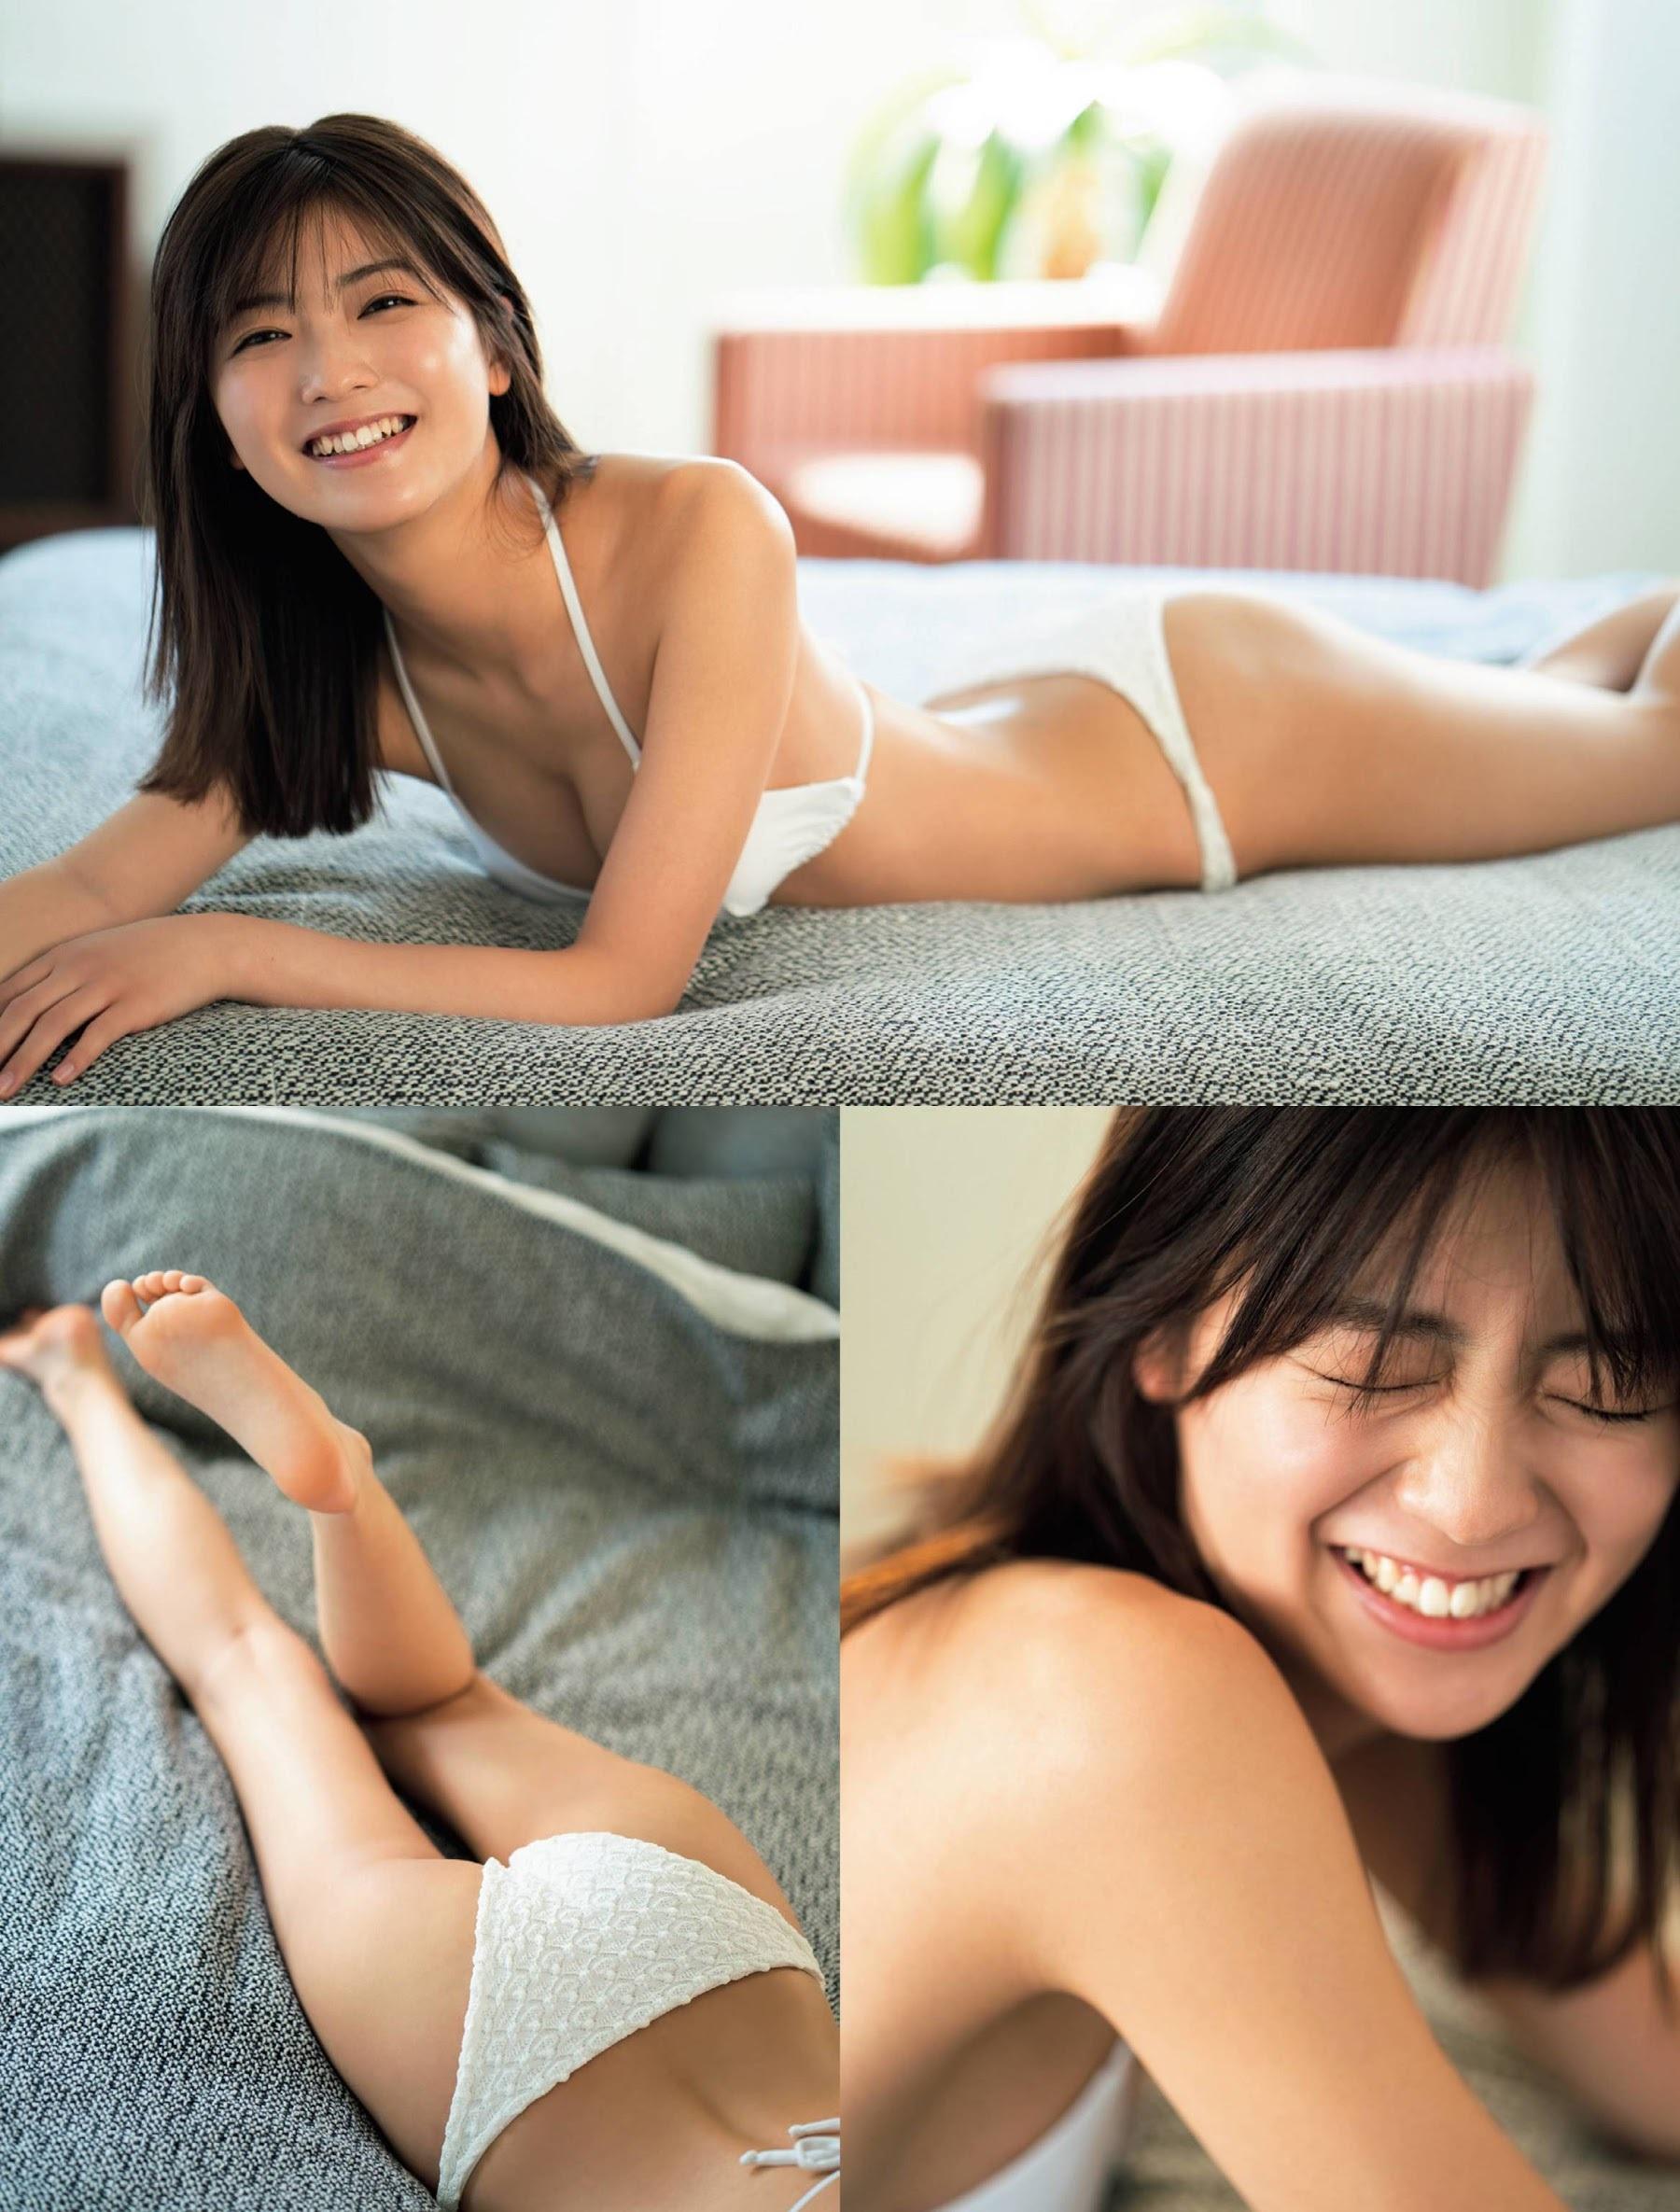 Kiramei Pinks fresh and beautiful body Miku Kudo003